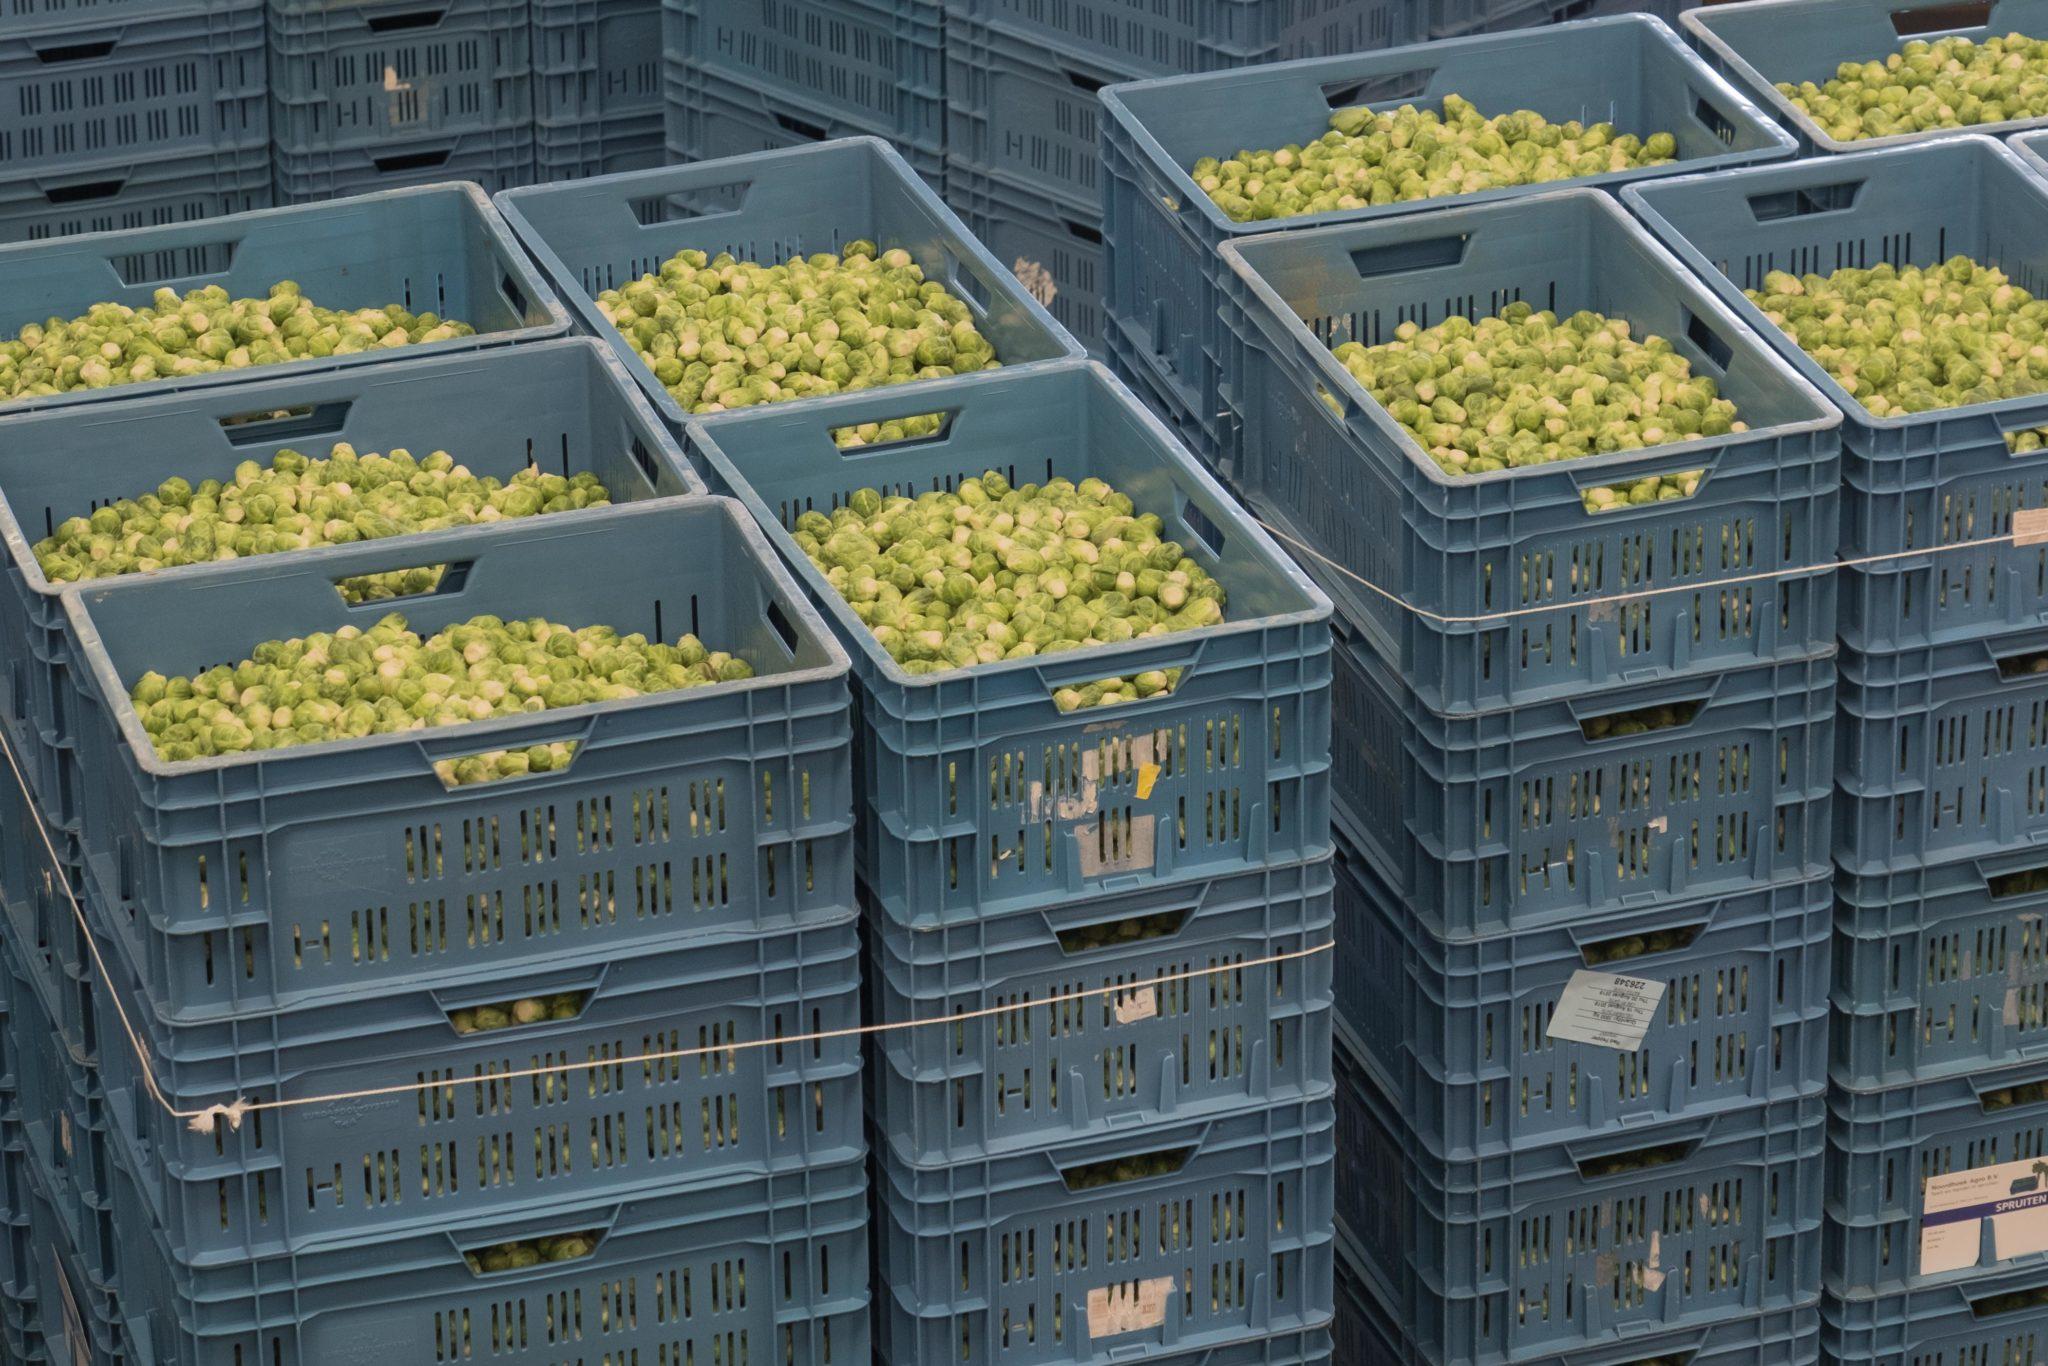 gesorteerde spruiten staan klaar voor de veiling